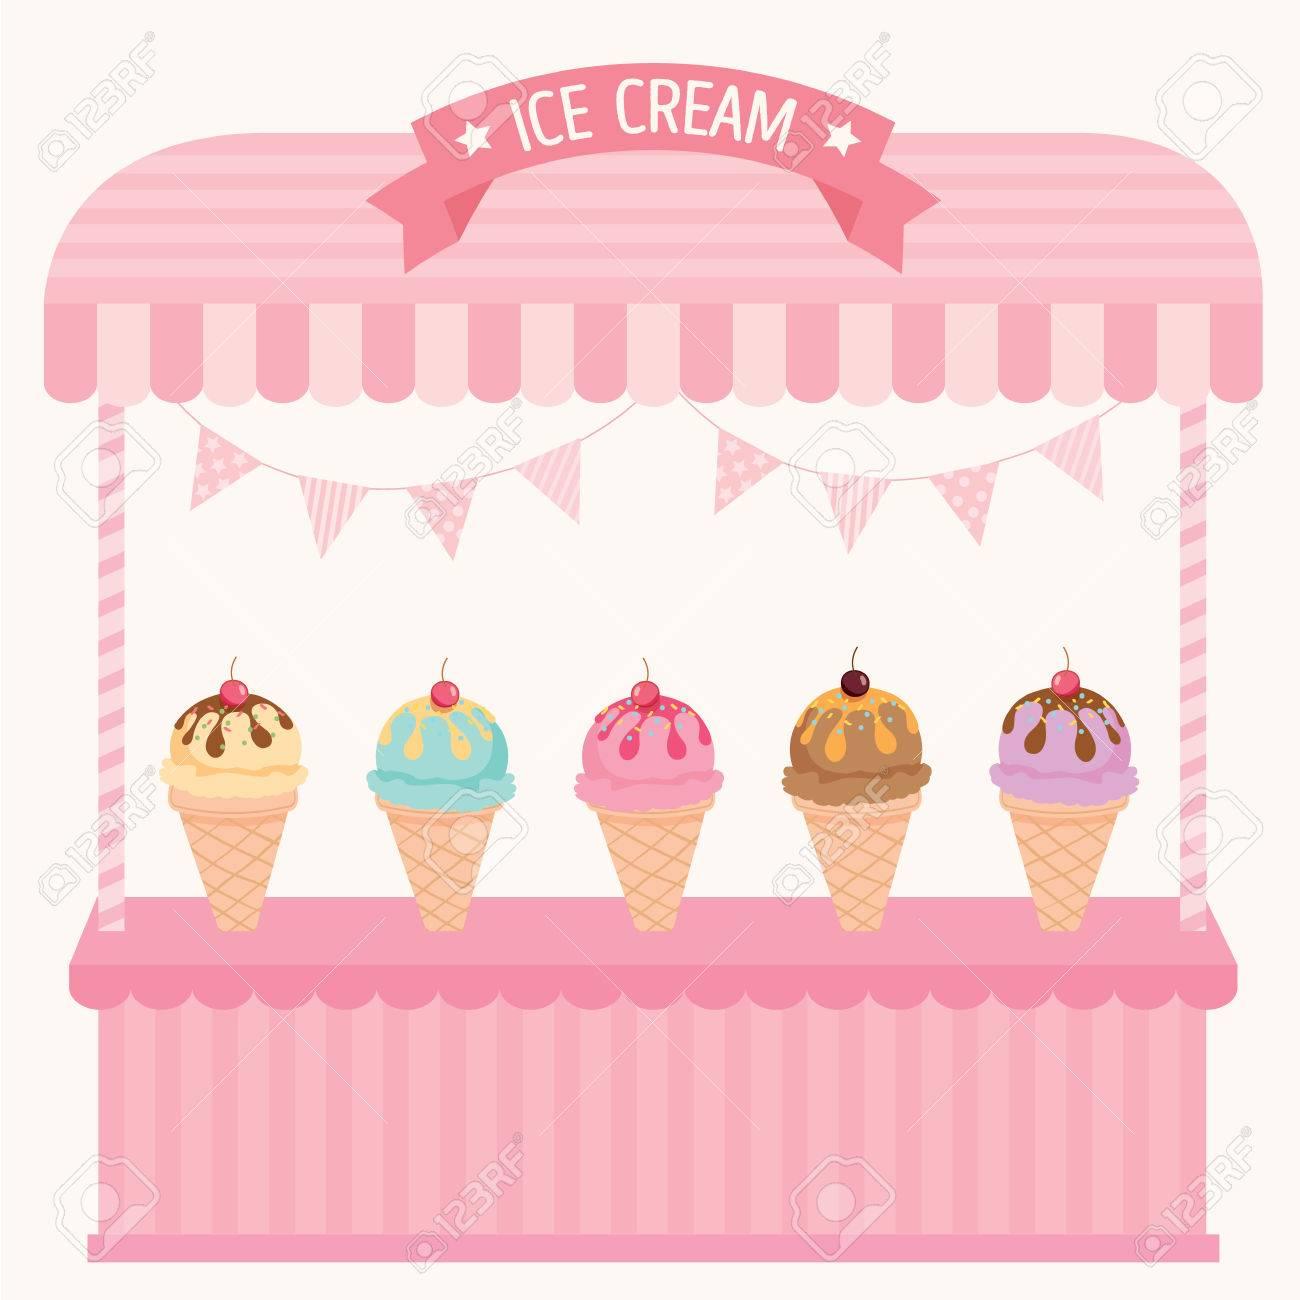 イラスト ソフト クリーム カフェはピンクのパステル カラーの背景を